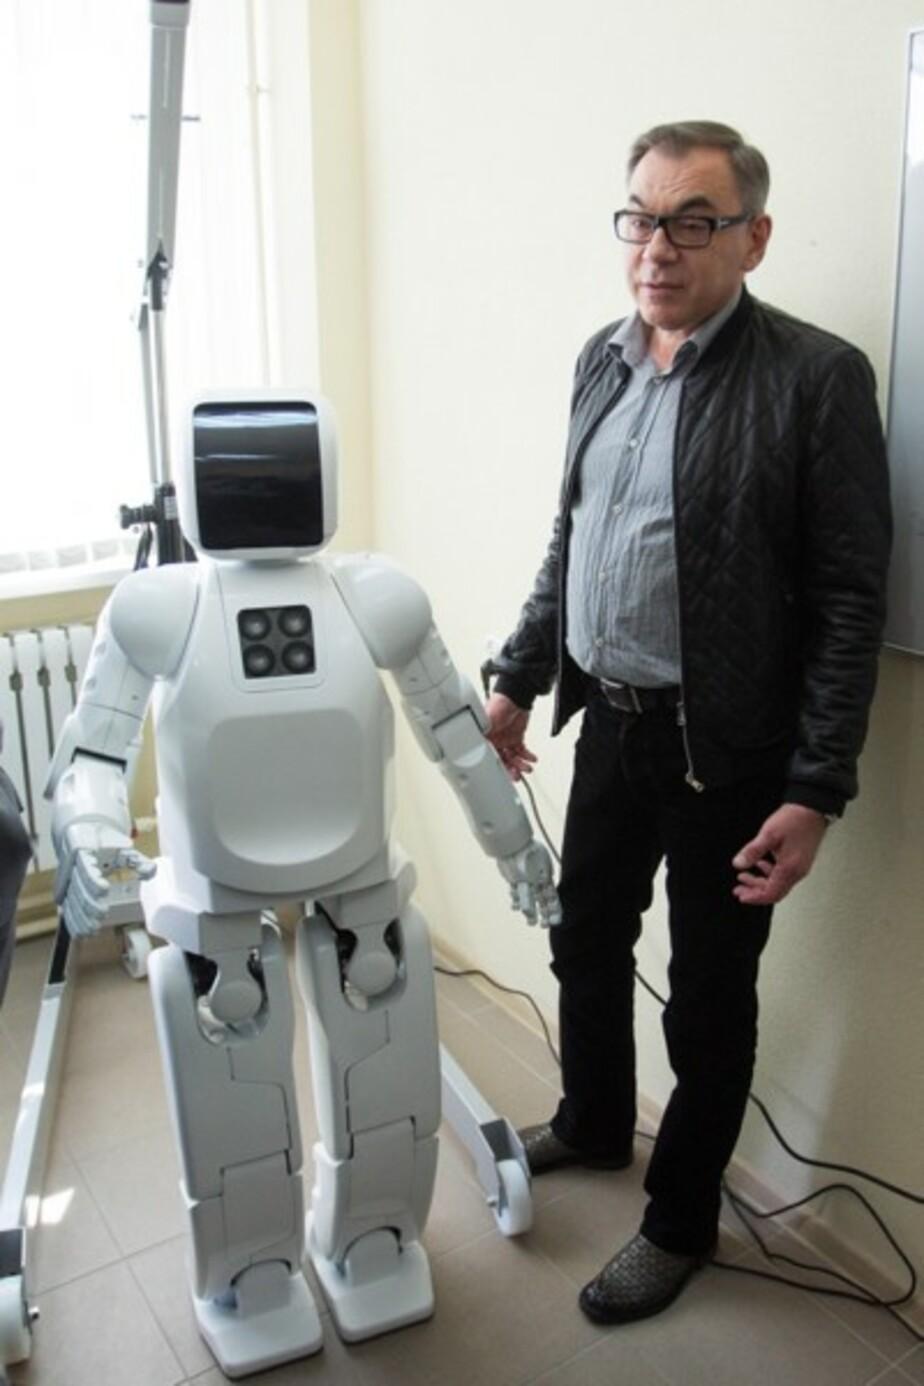 В БФУ им- Канта появился студент-робот - Новости Калининграда